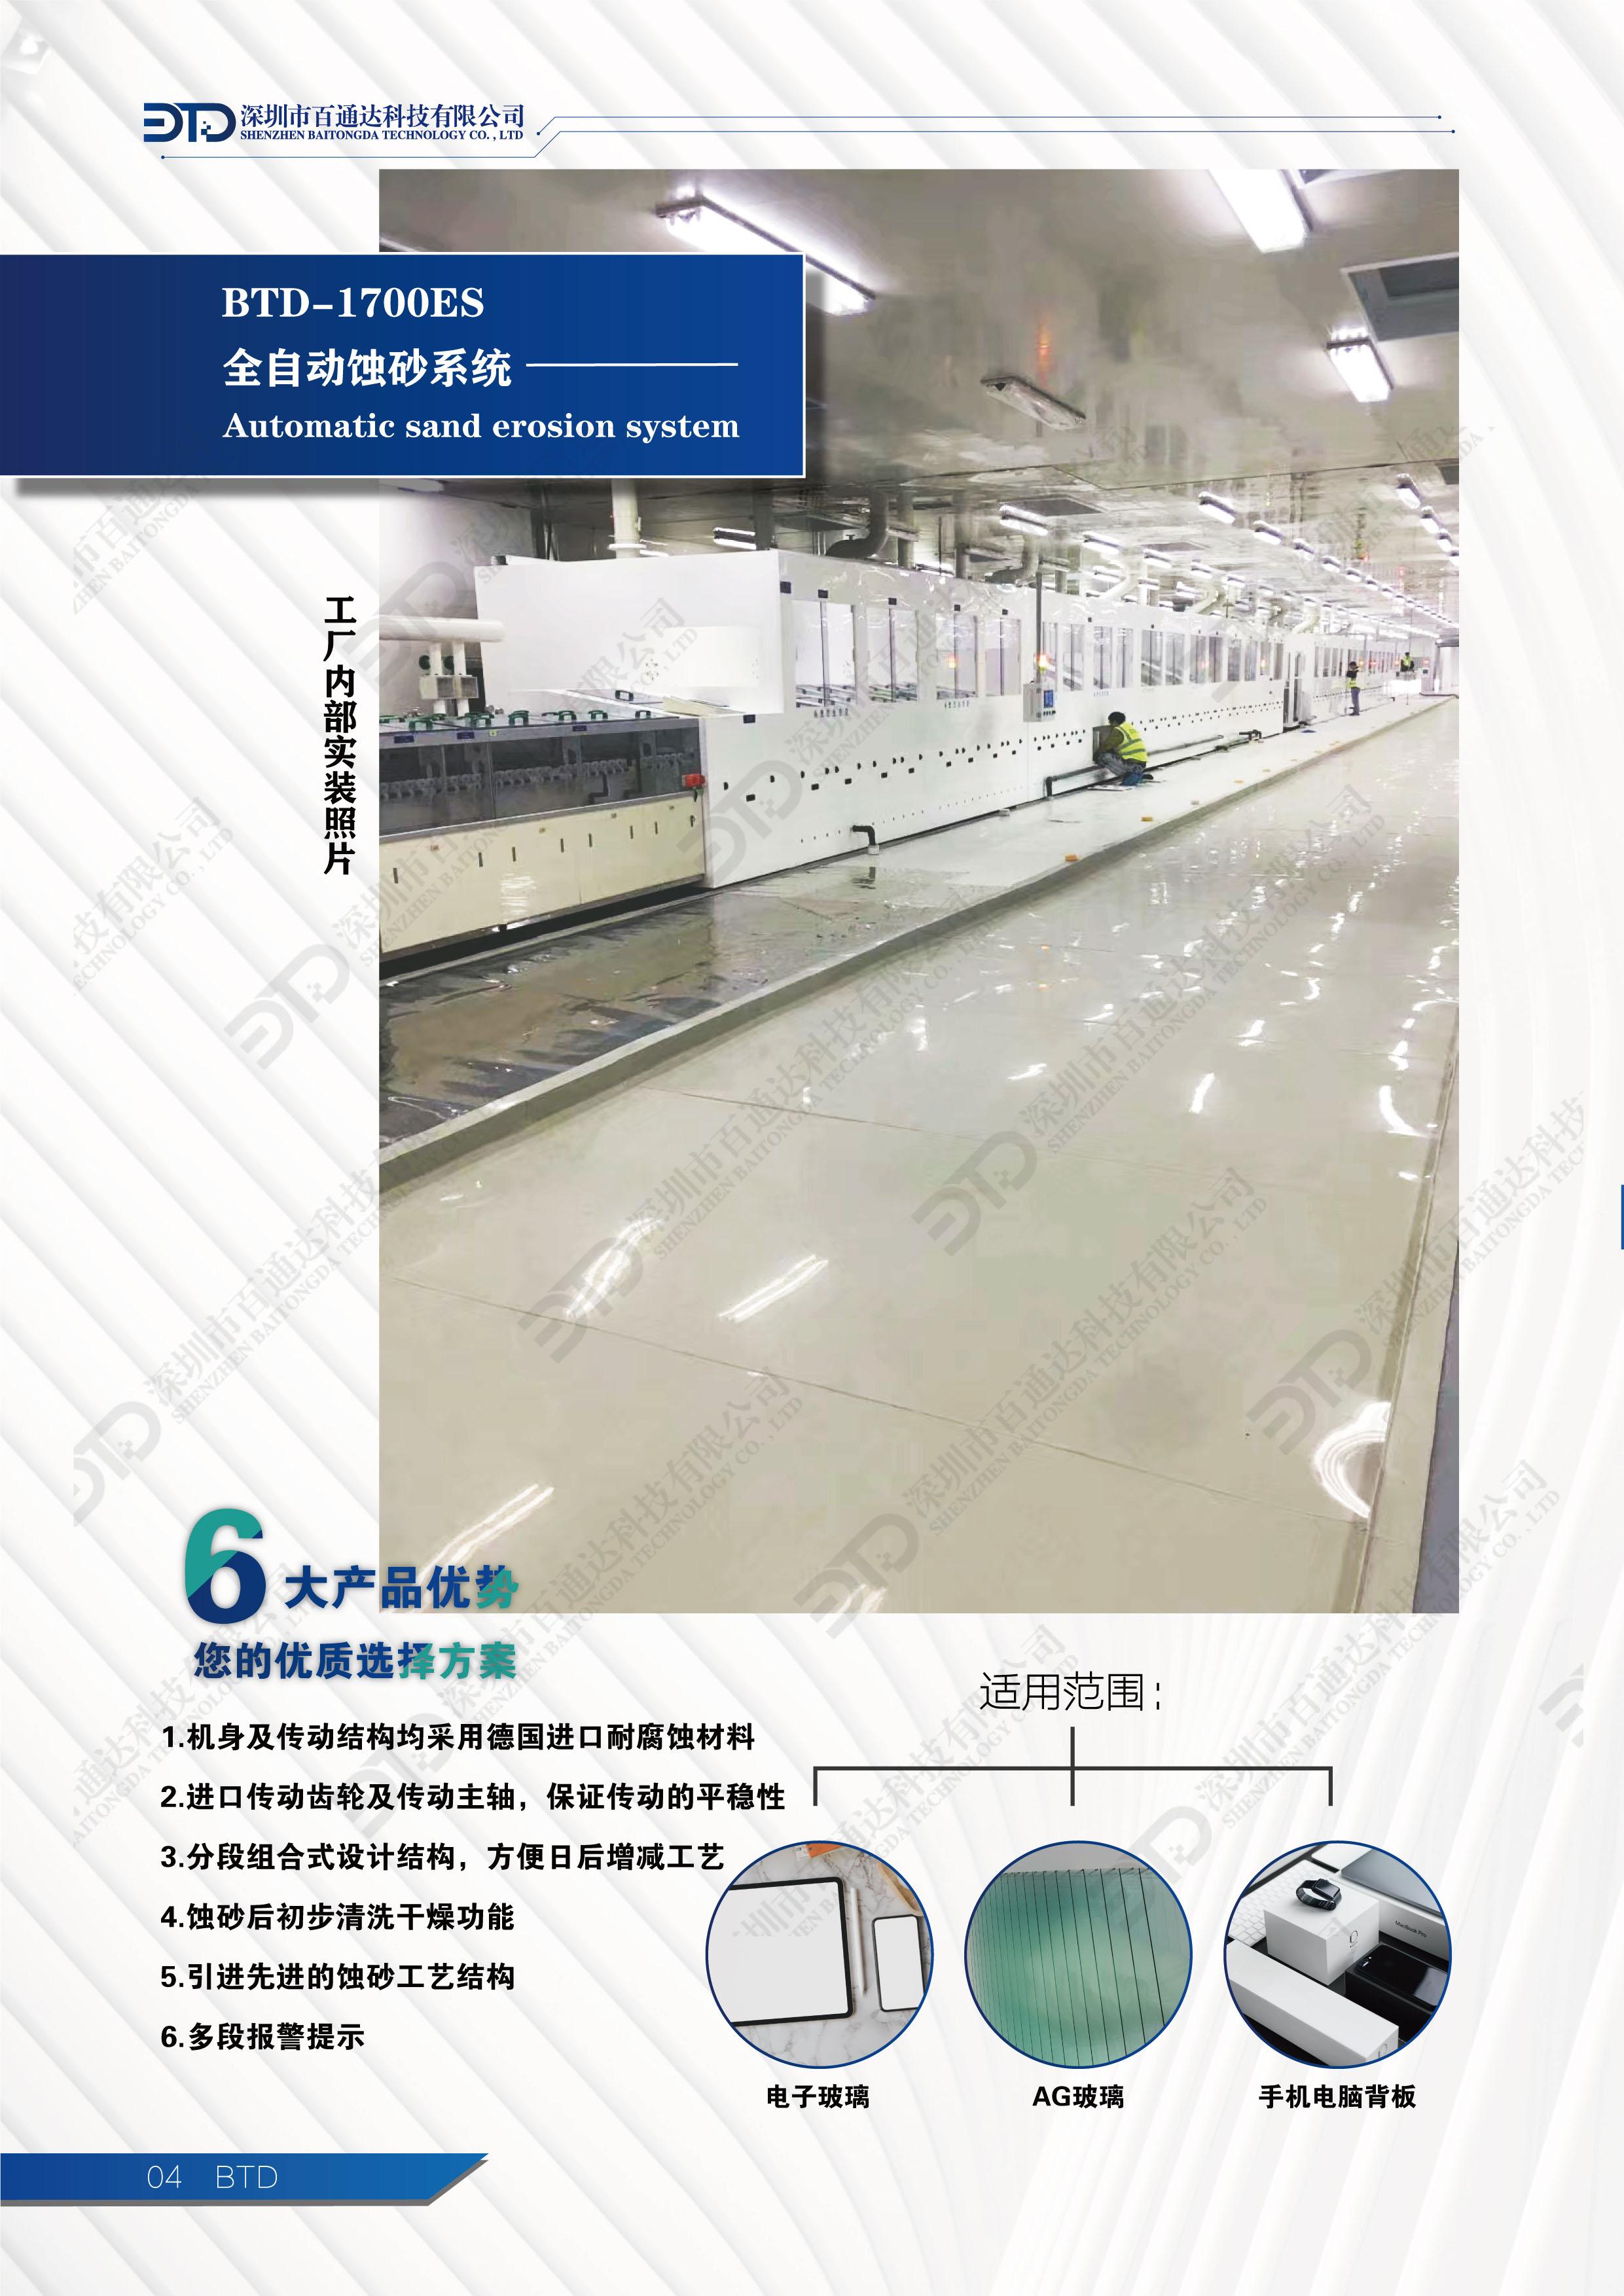 玻璃化学处理系统